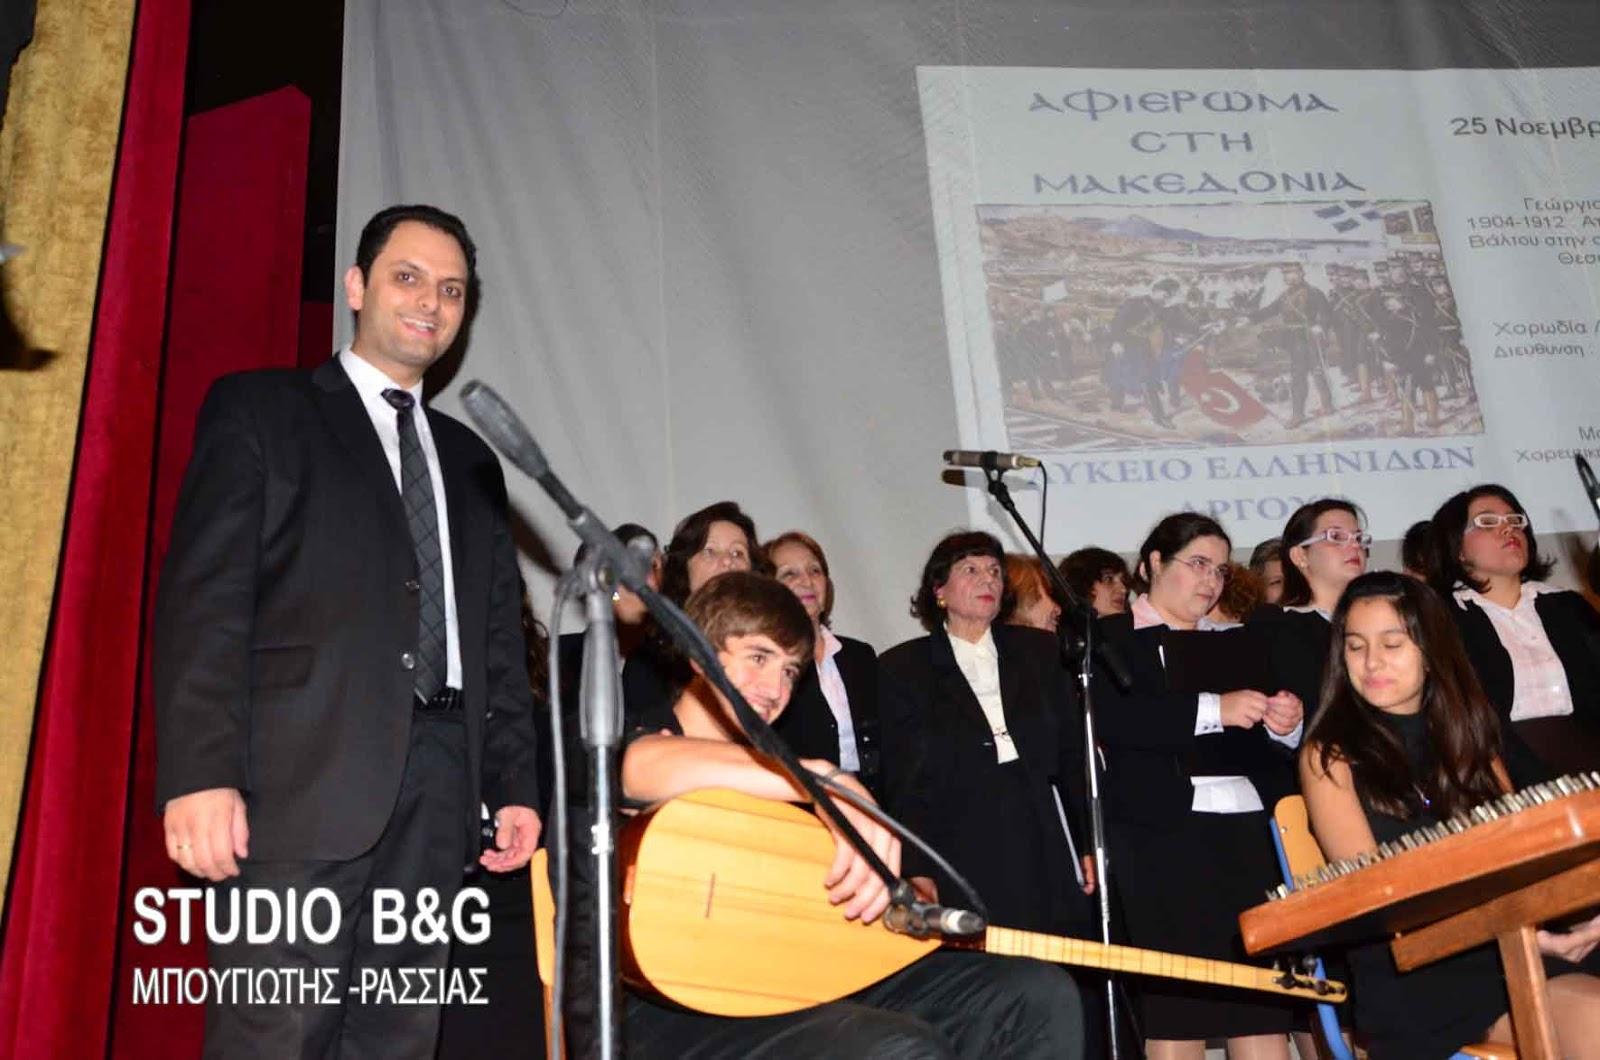 Εορτή από το Λύκειο Ελληνίδων του Άργους -(φωτό 01)